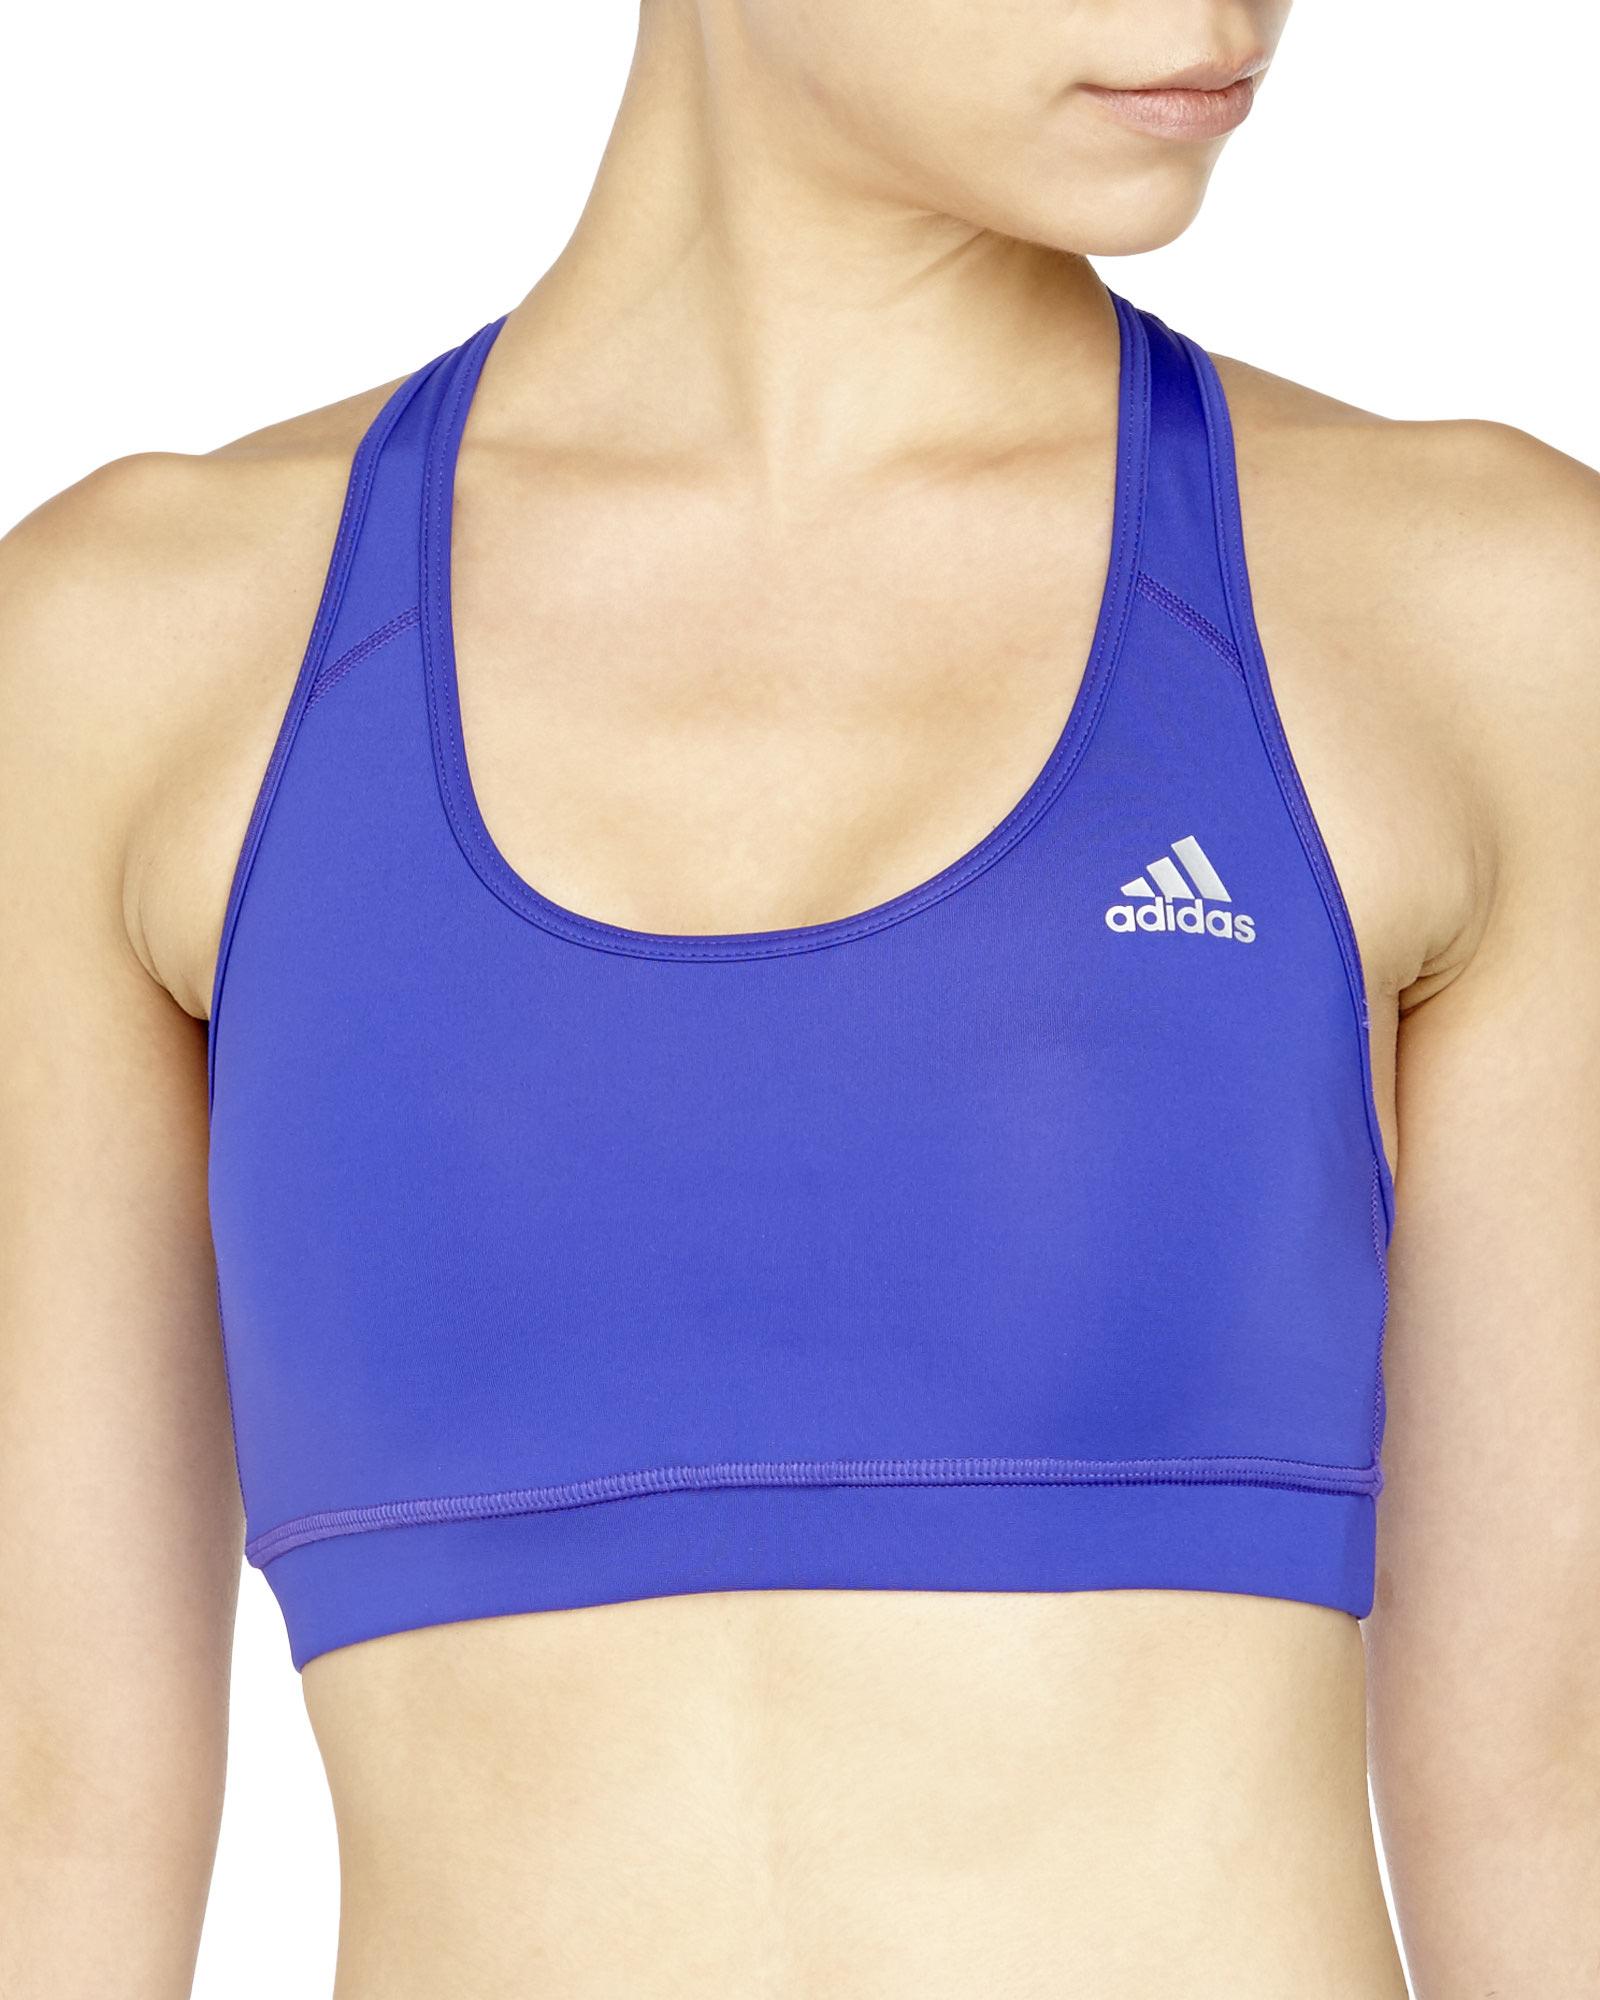 6729ef73f2eb6 Lyst - adidas Tech Fit Medium Compression Sports Bra in Blue